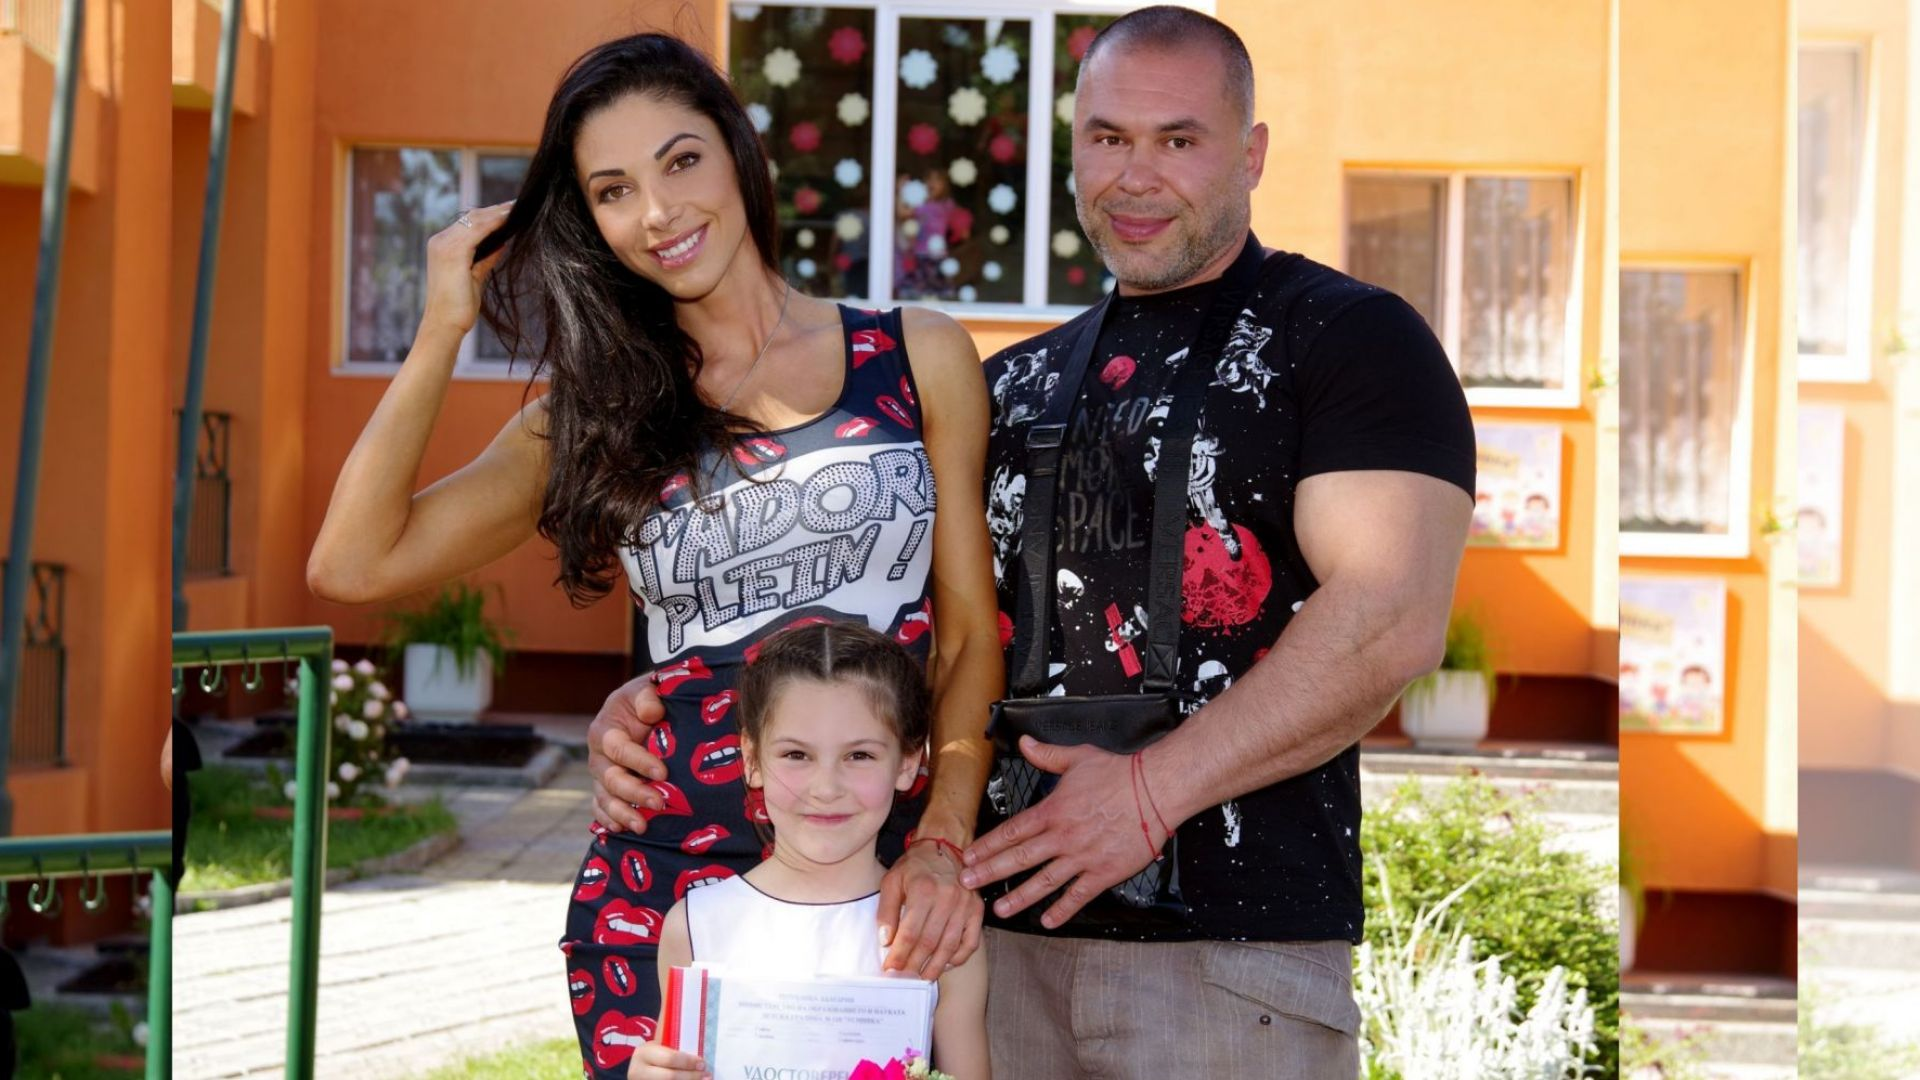 Биляна Йотовска пред Dir.bg: Задължително започваме деня си със семейна тренировка